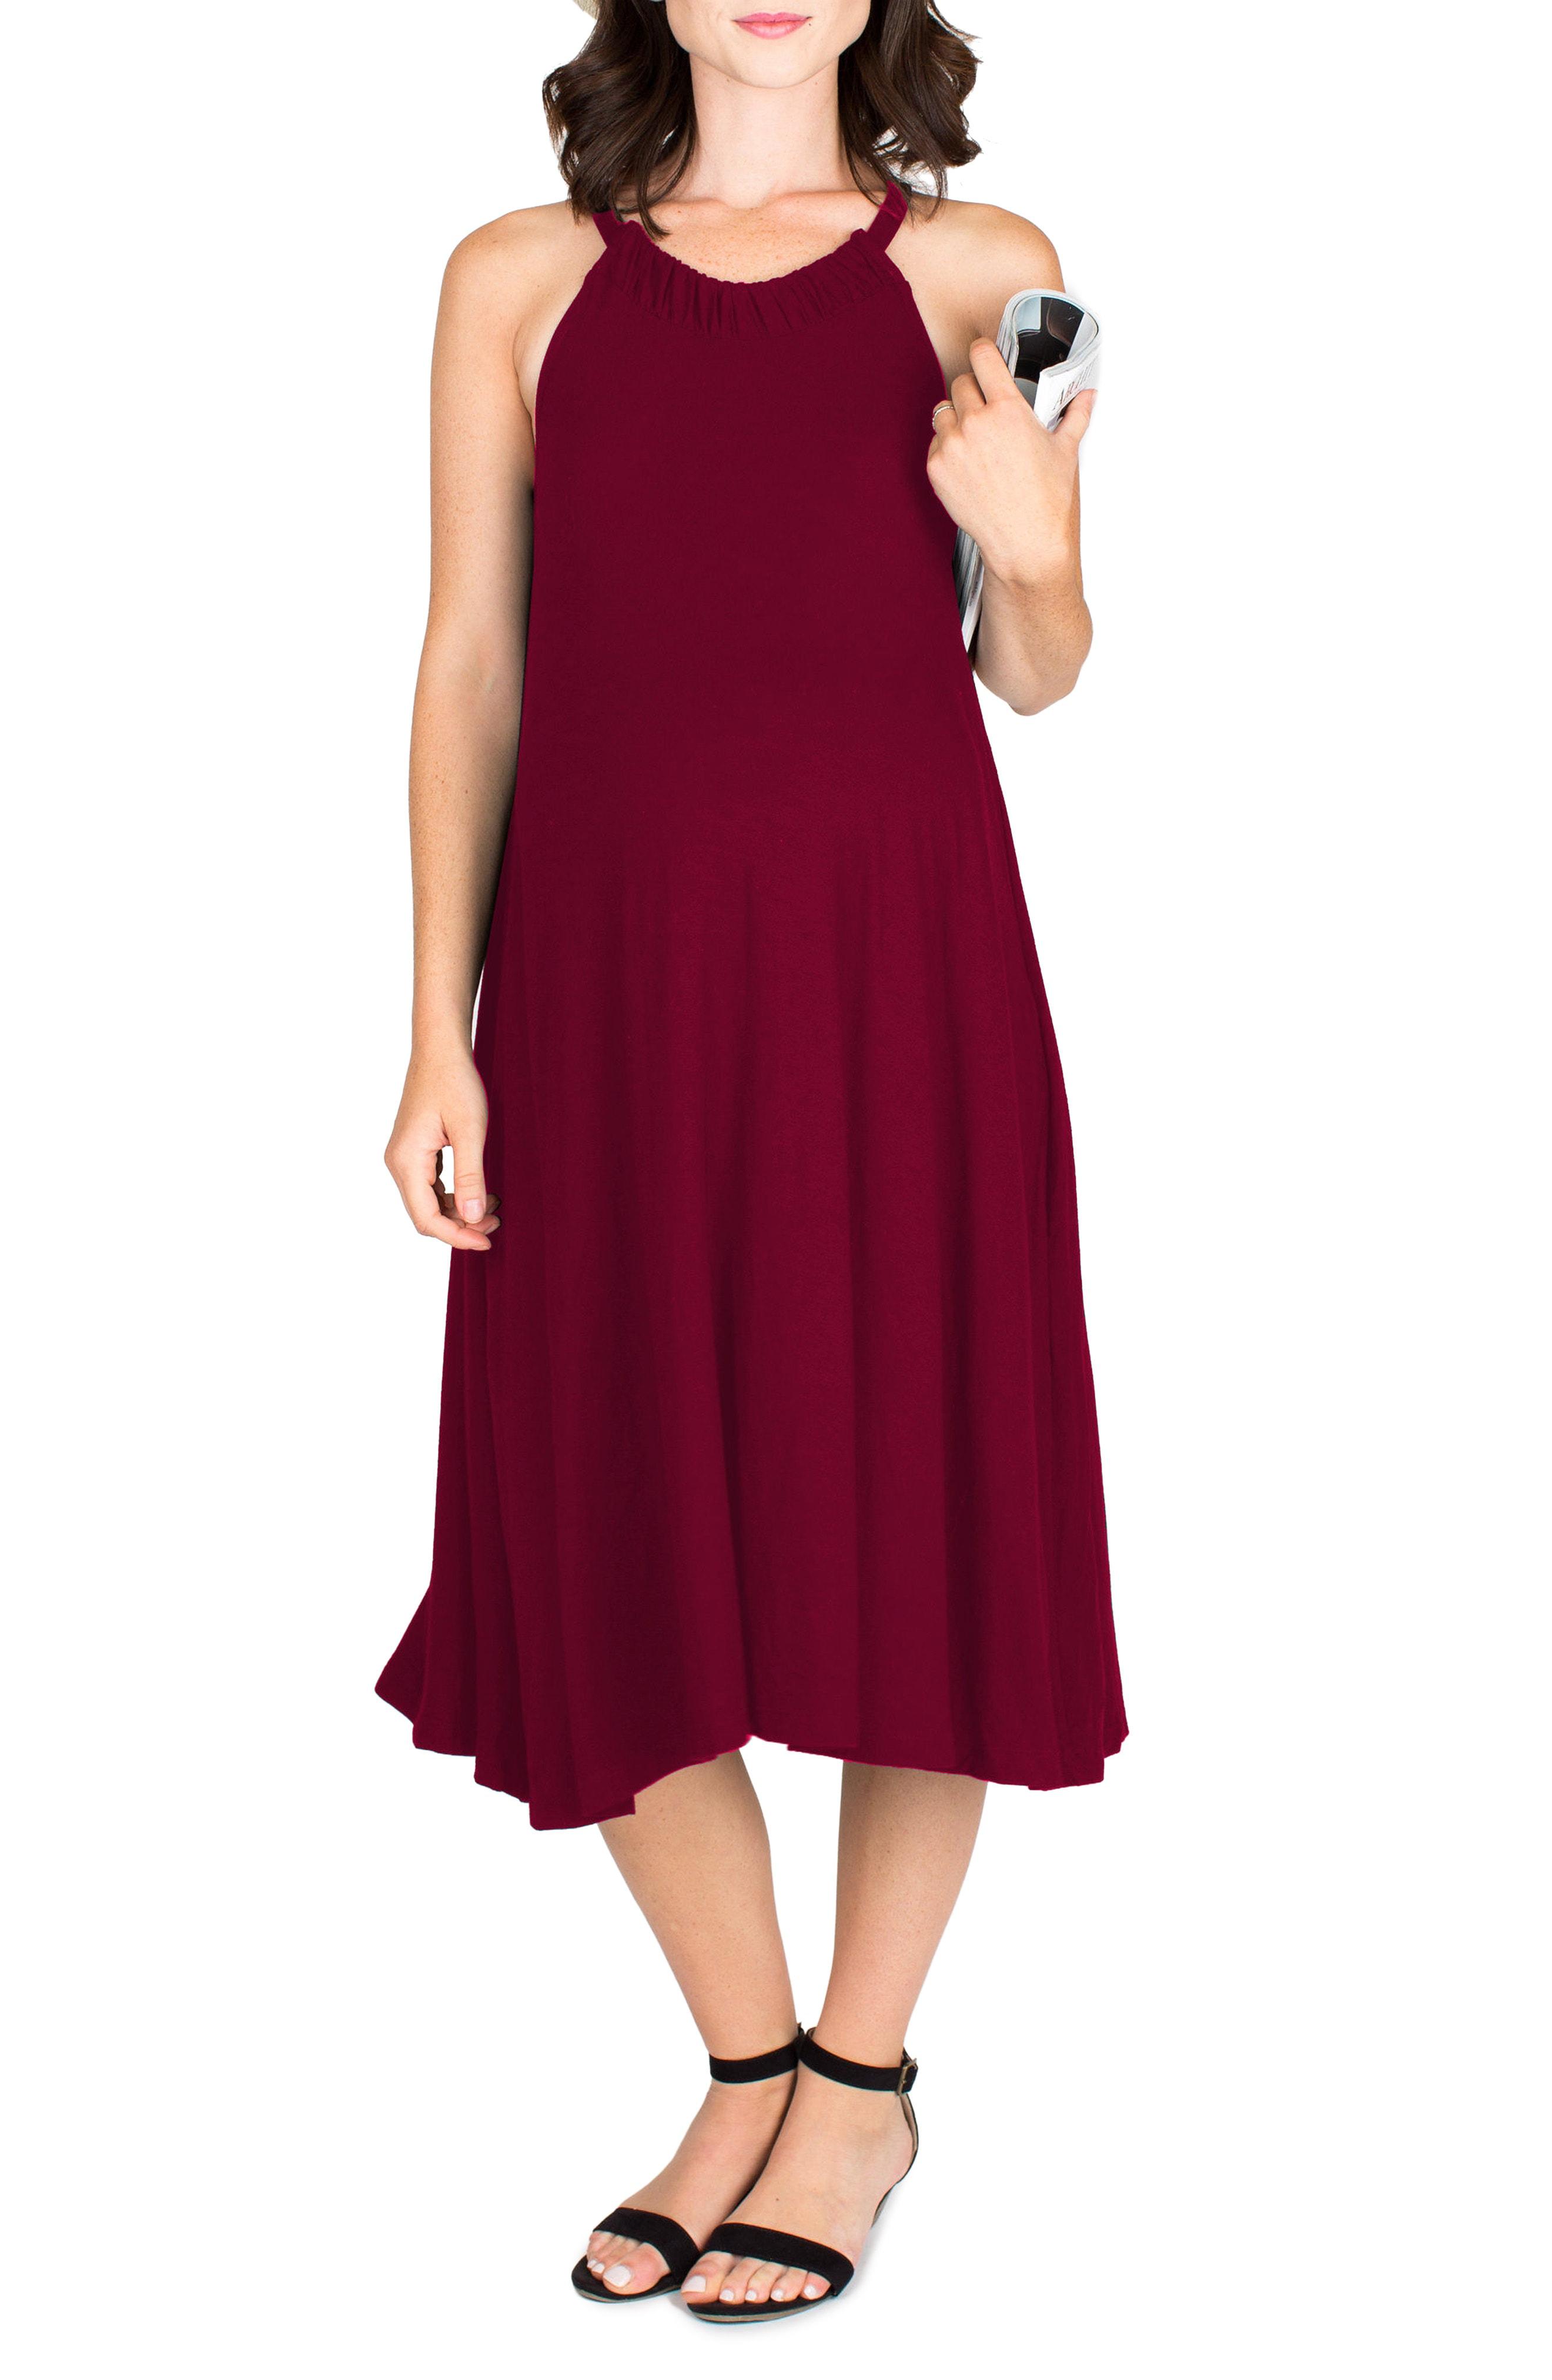 Nom Maternity Andrea Maternity Midi Dress